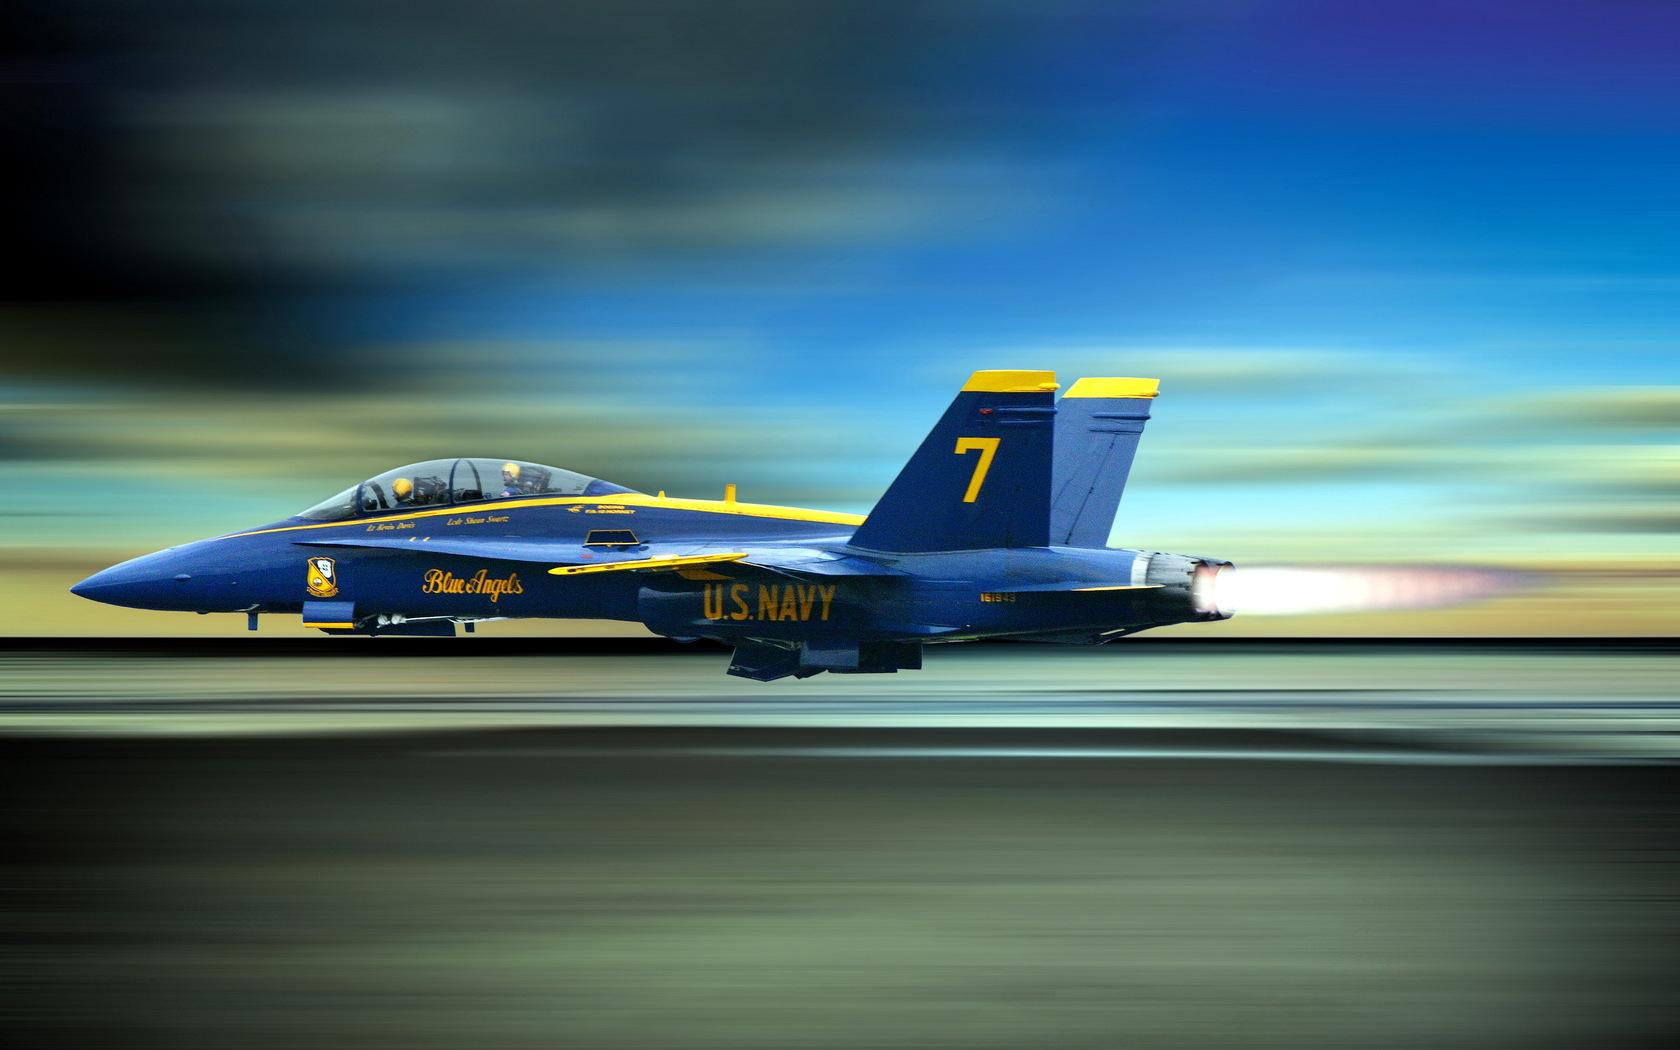 Avión de los Navys - 1680x1050